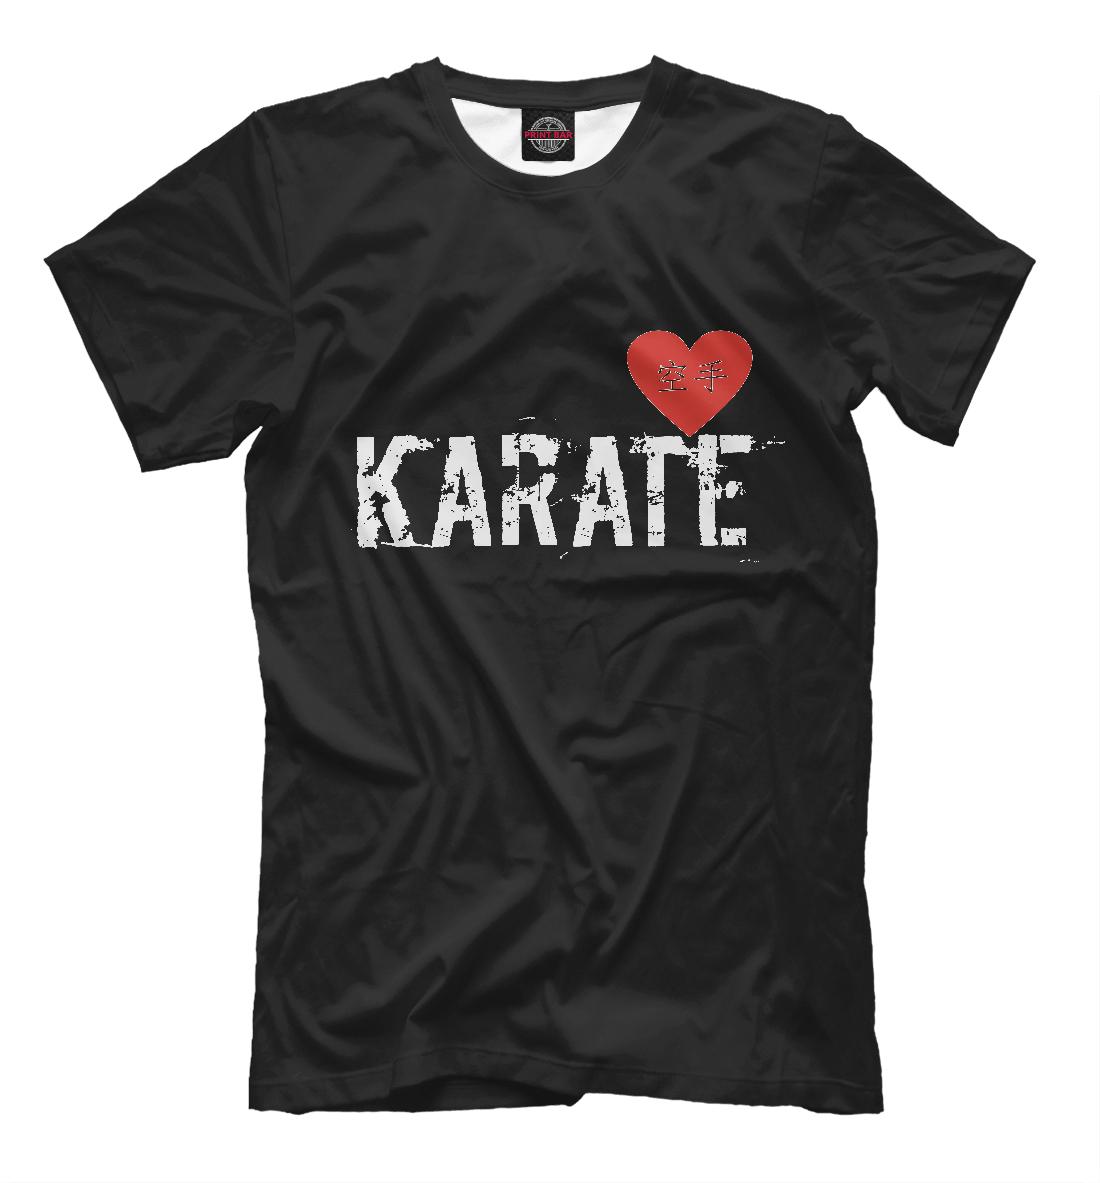 Купить Каратэ навсегда, Printbar, Футболки, KRT-520143-fut-2